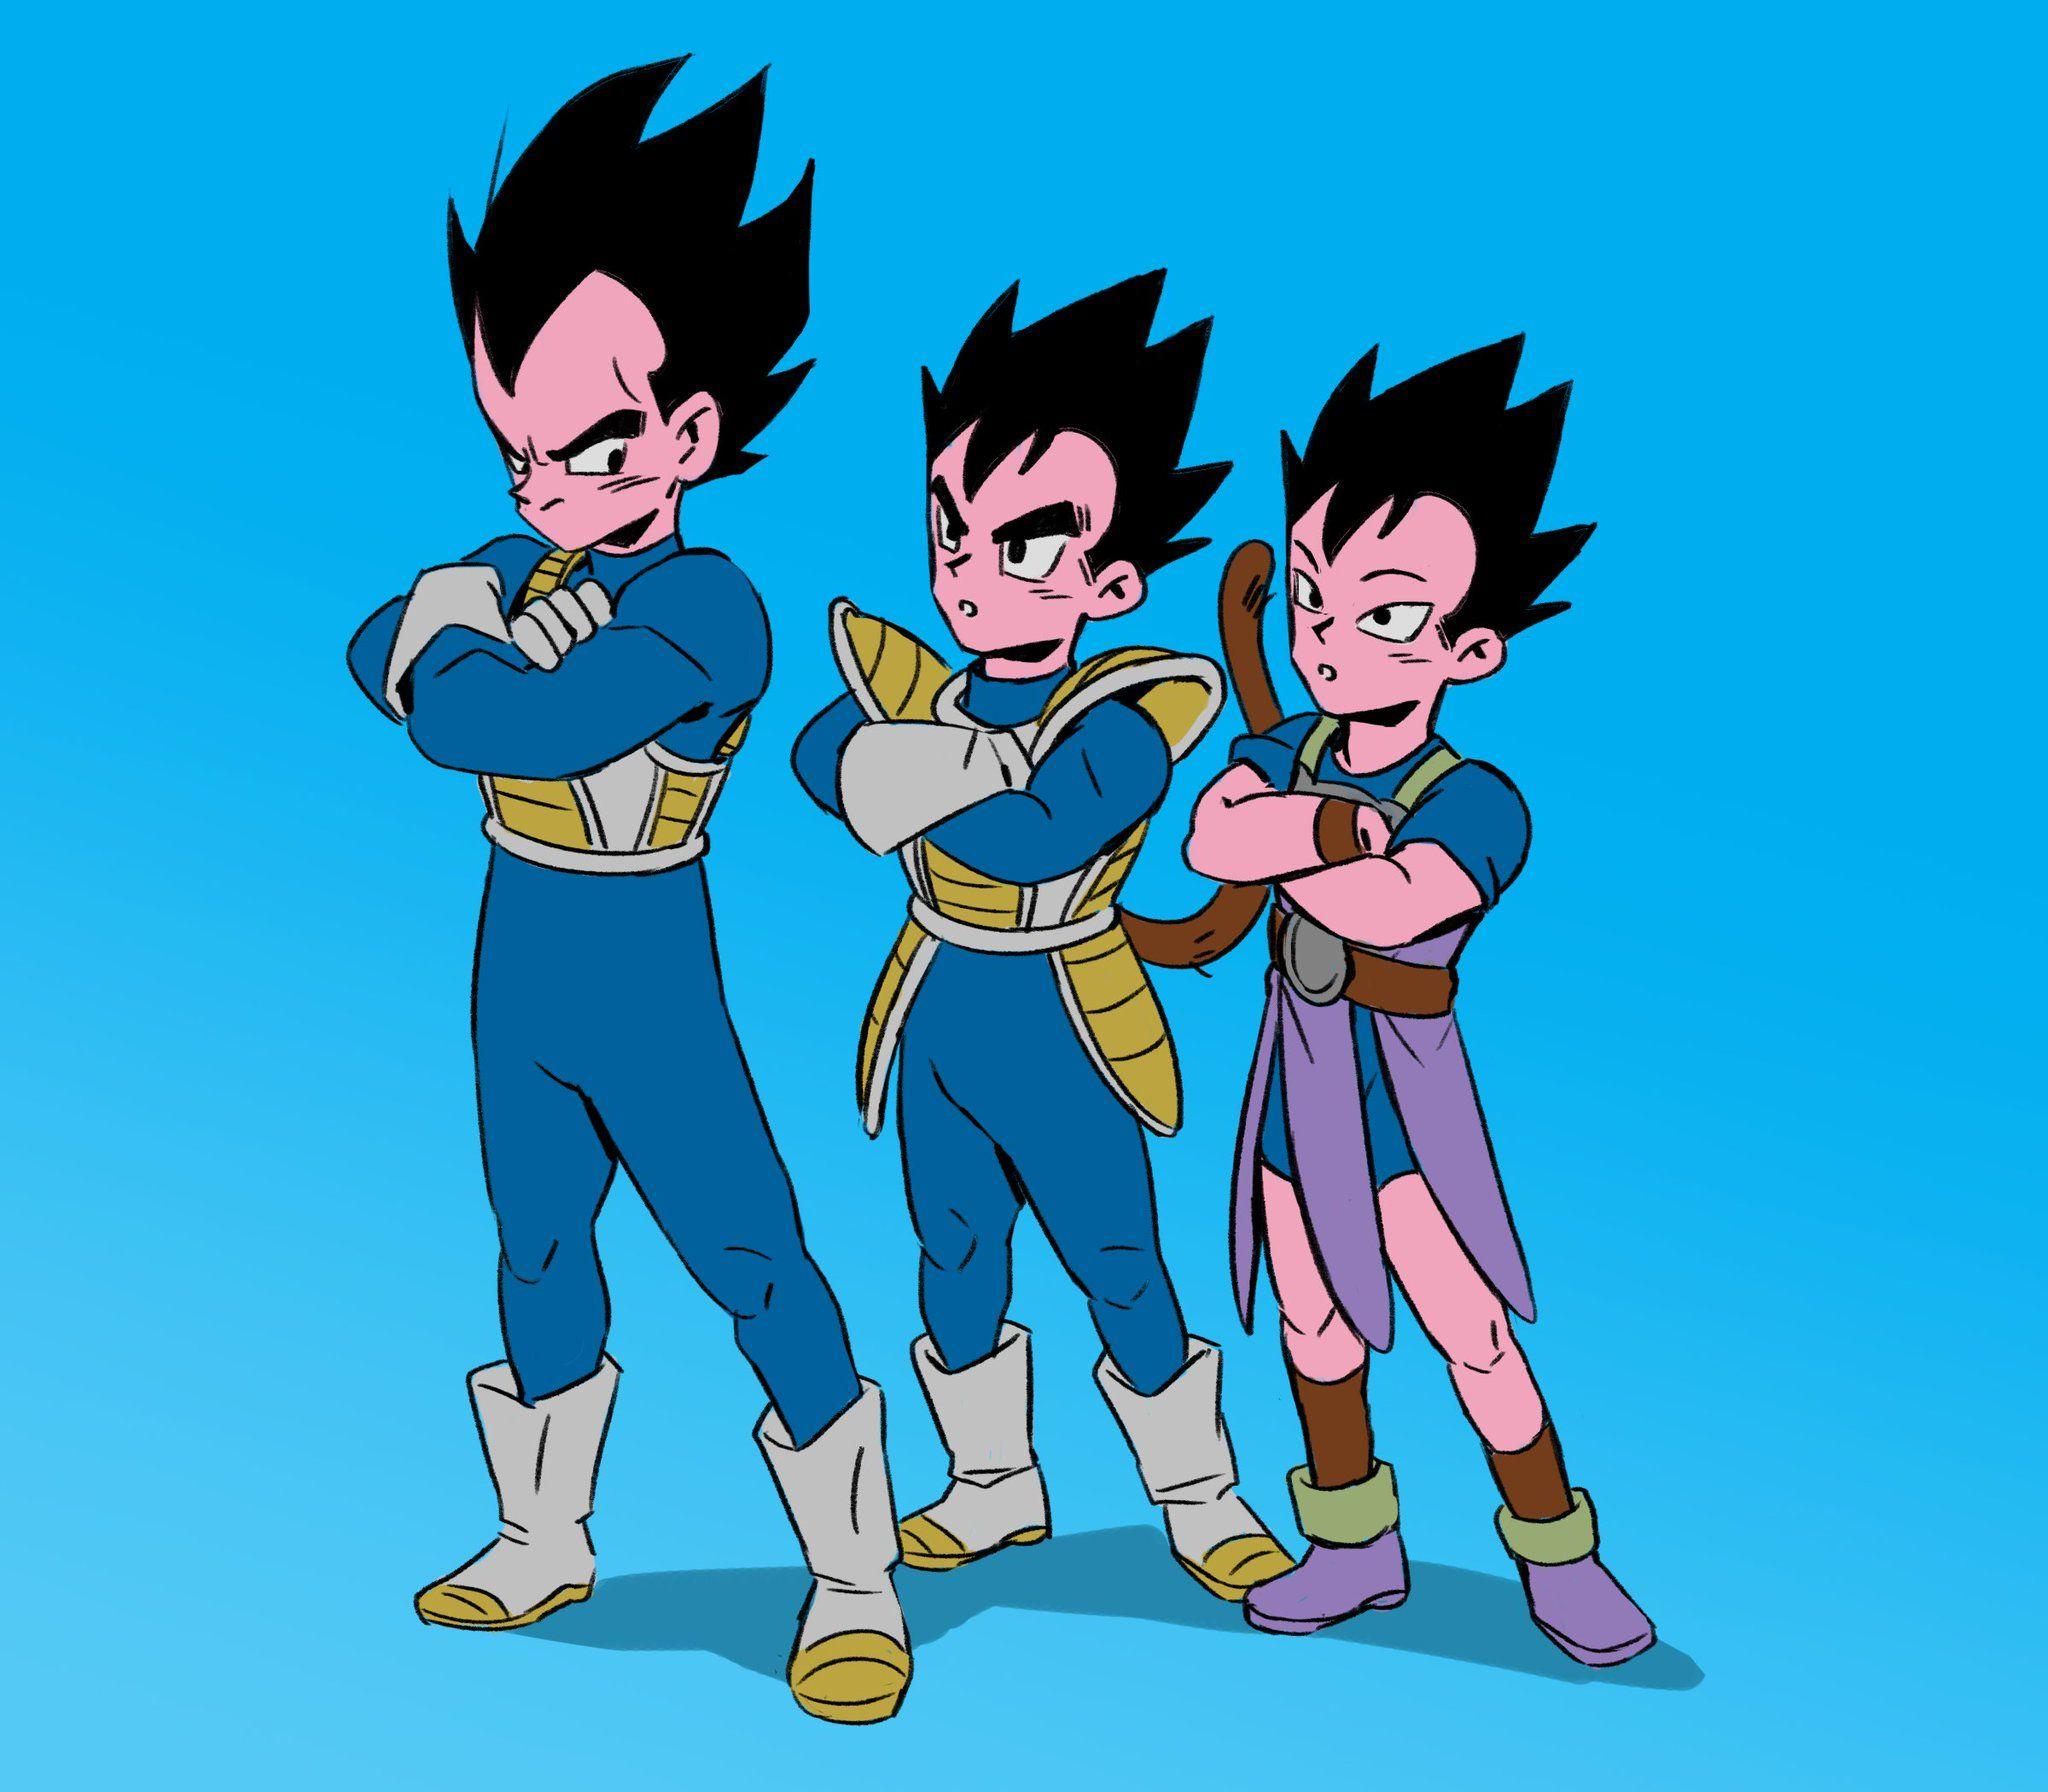 Imagen Anime Dragon Ball Super Dragon Ball Image Dragon Ball Artwork